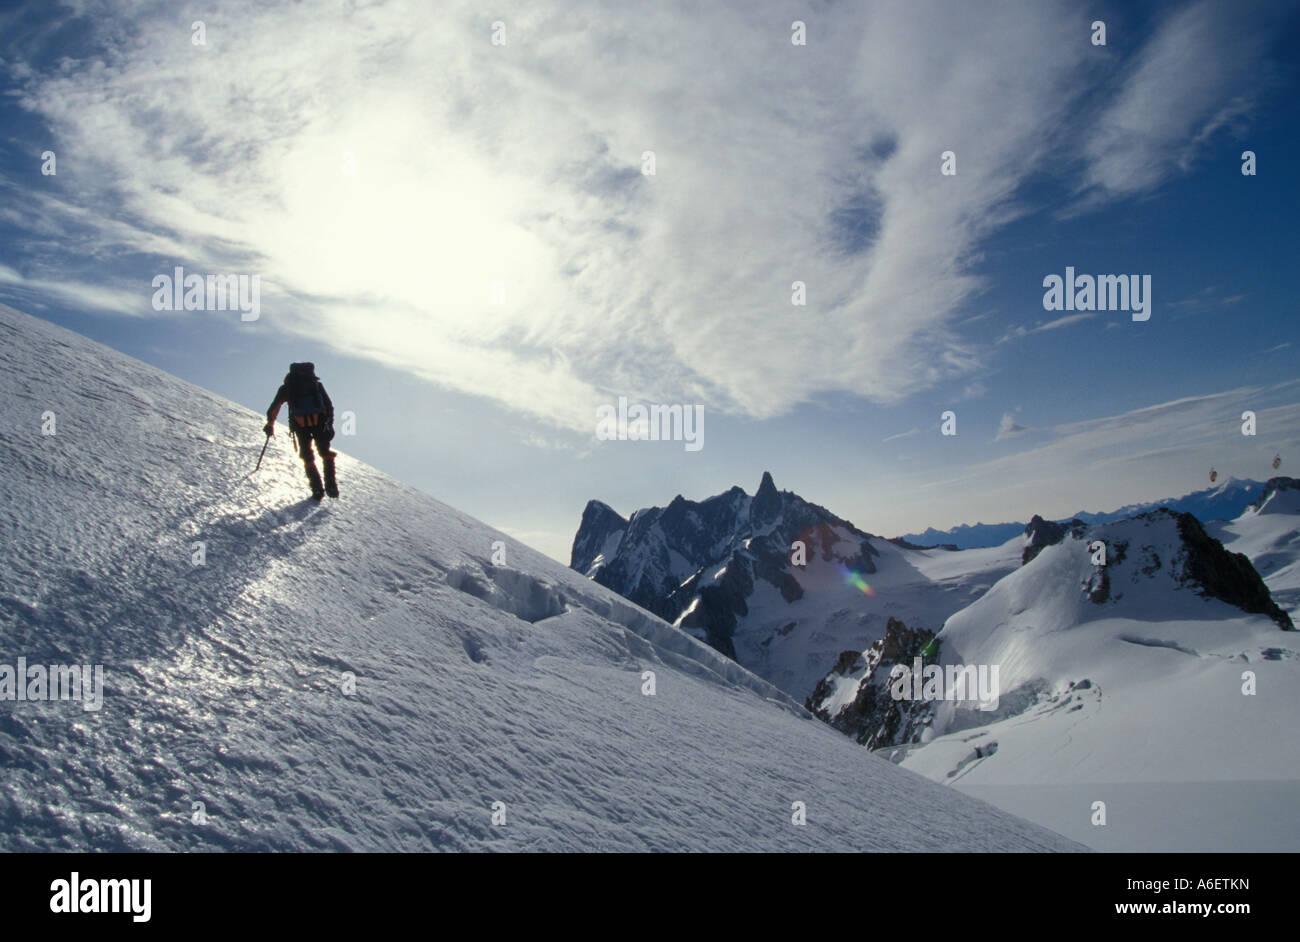 Kletterausrüstung In Der Nähe : Bergsteiger mit eis axt und steigeisen winter klettern in der nähe